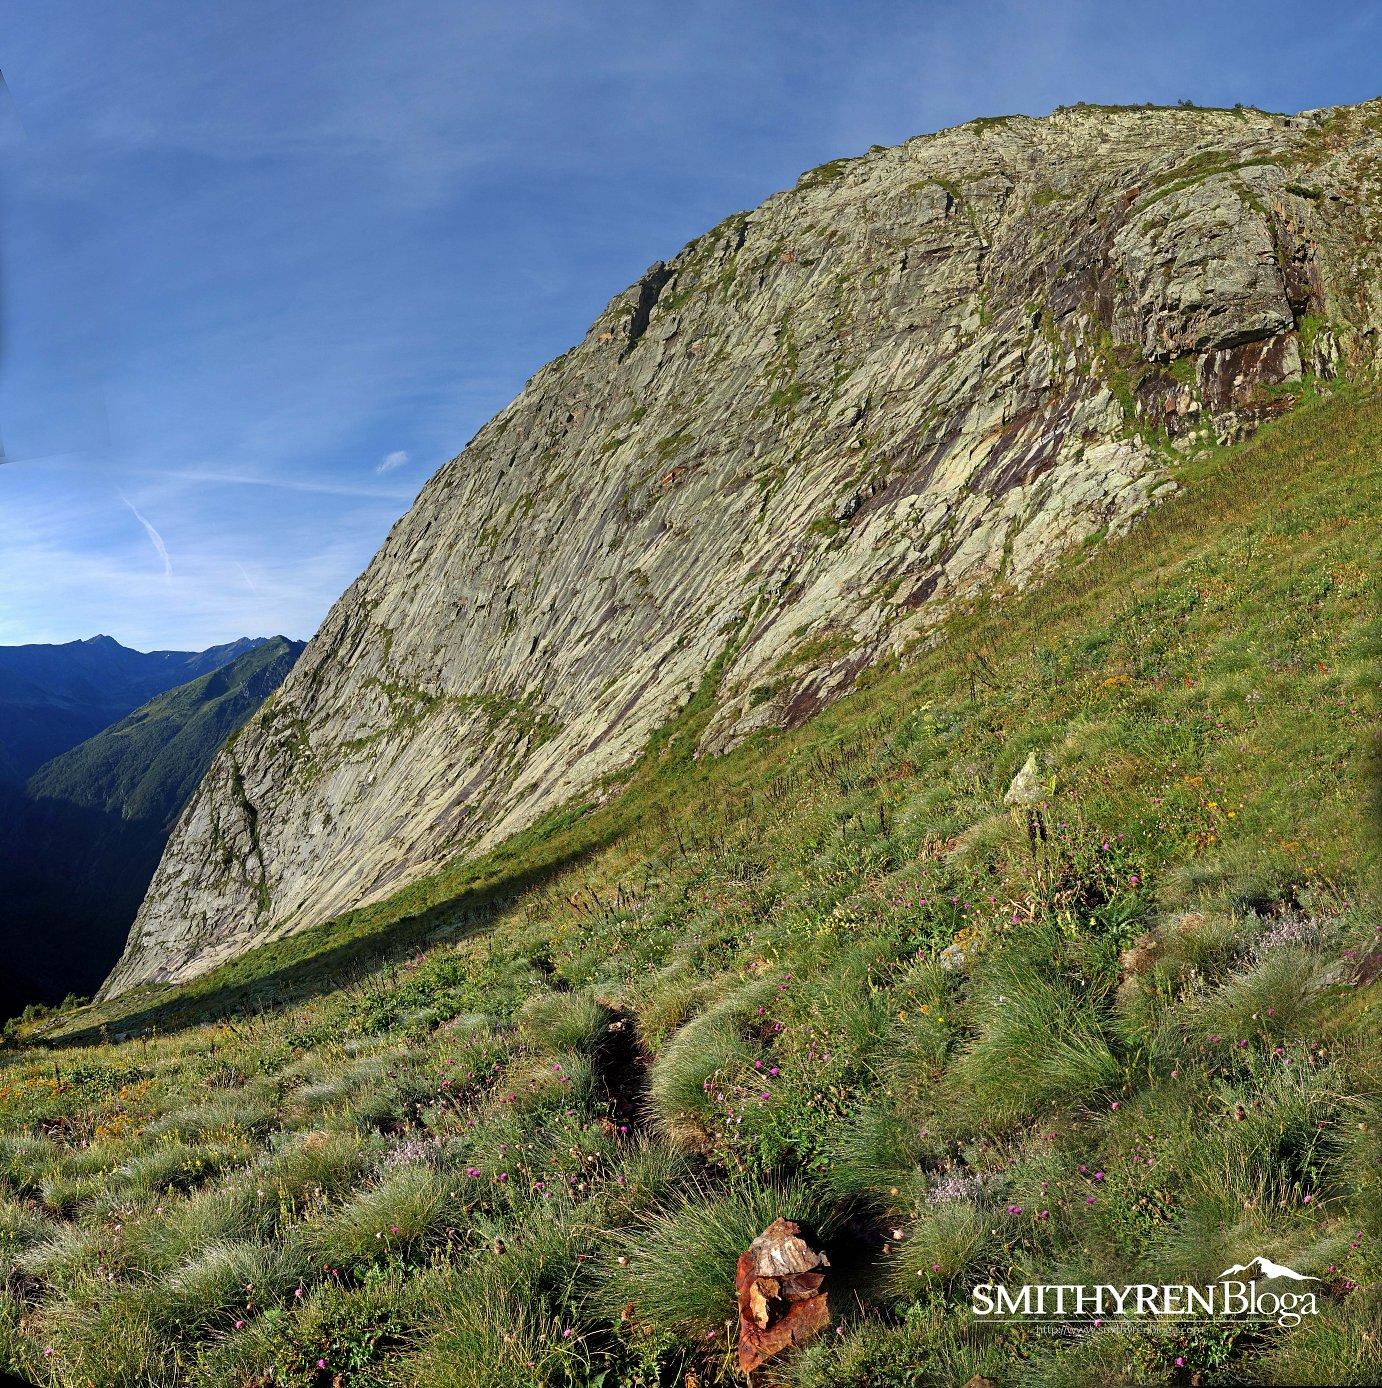 Dent D'Orluren ekialdeko horma ikusgarria, 400 metroetatik gorako eskalada bide ezberdinek zeharkatzen dutena.